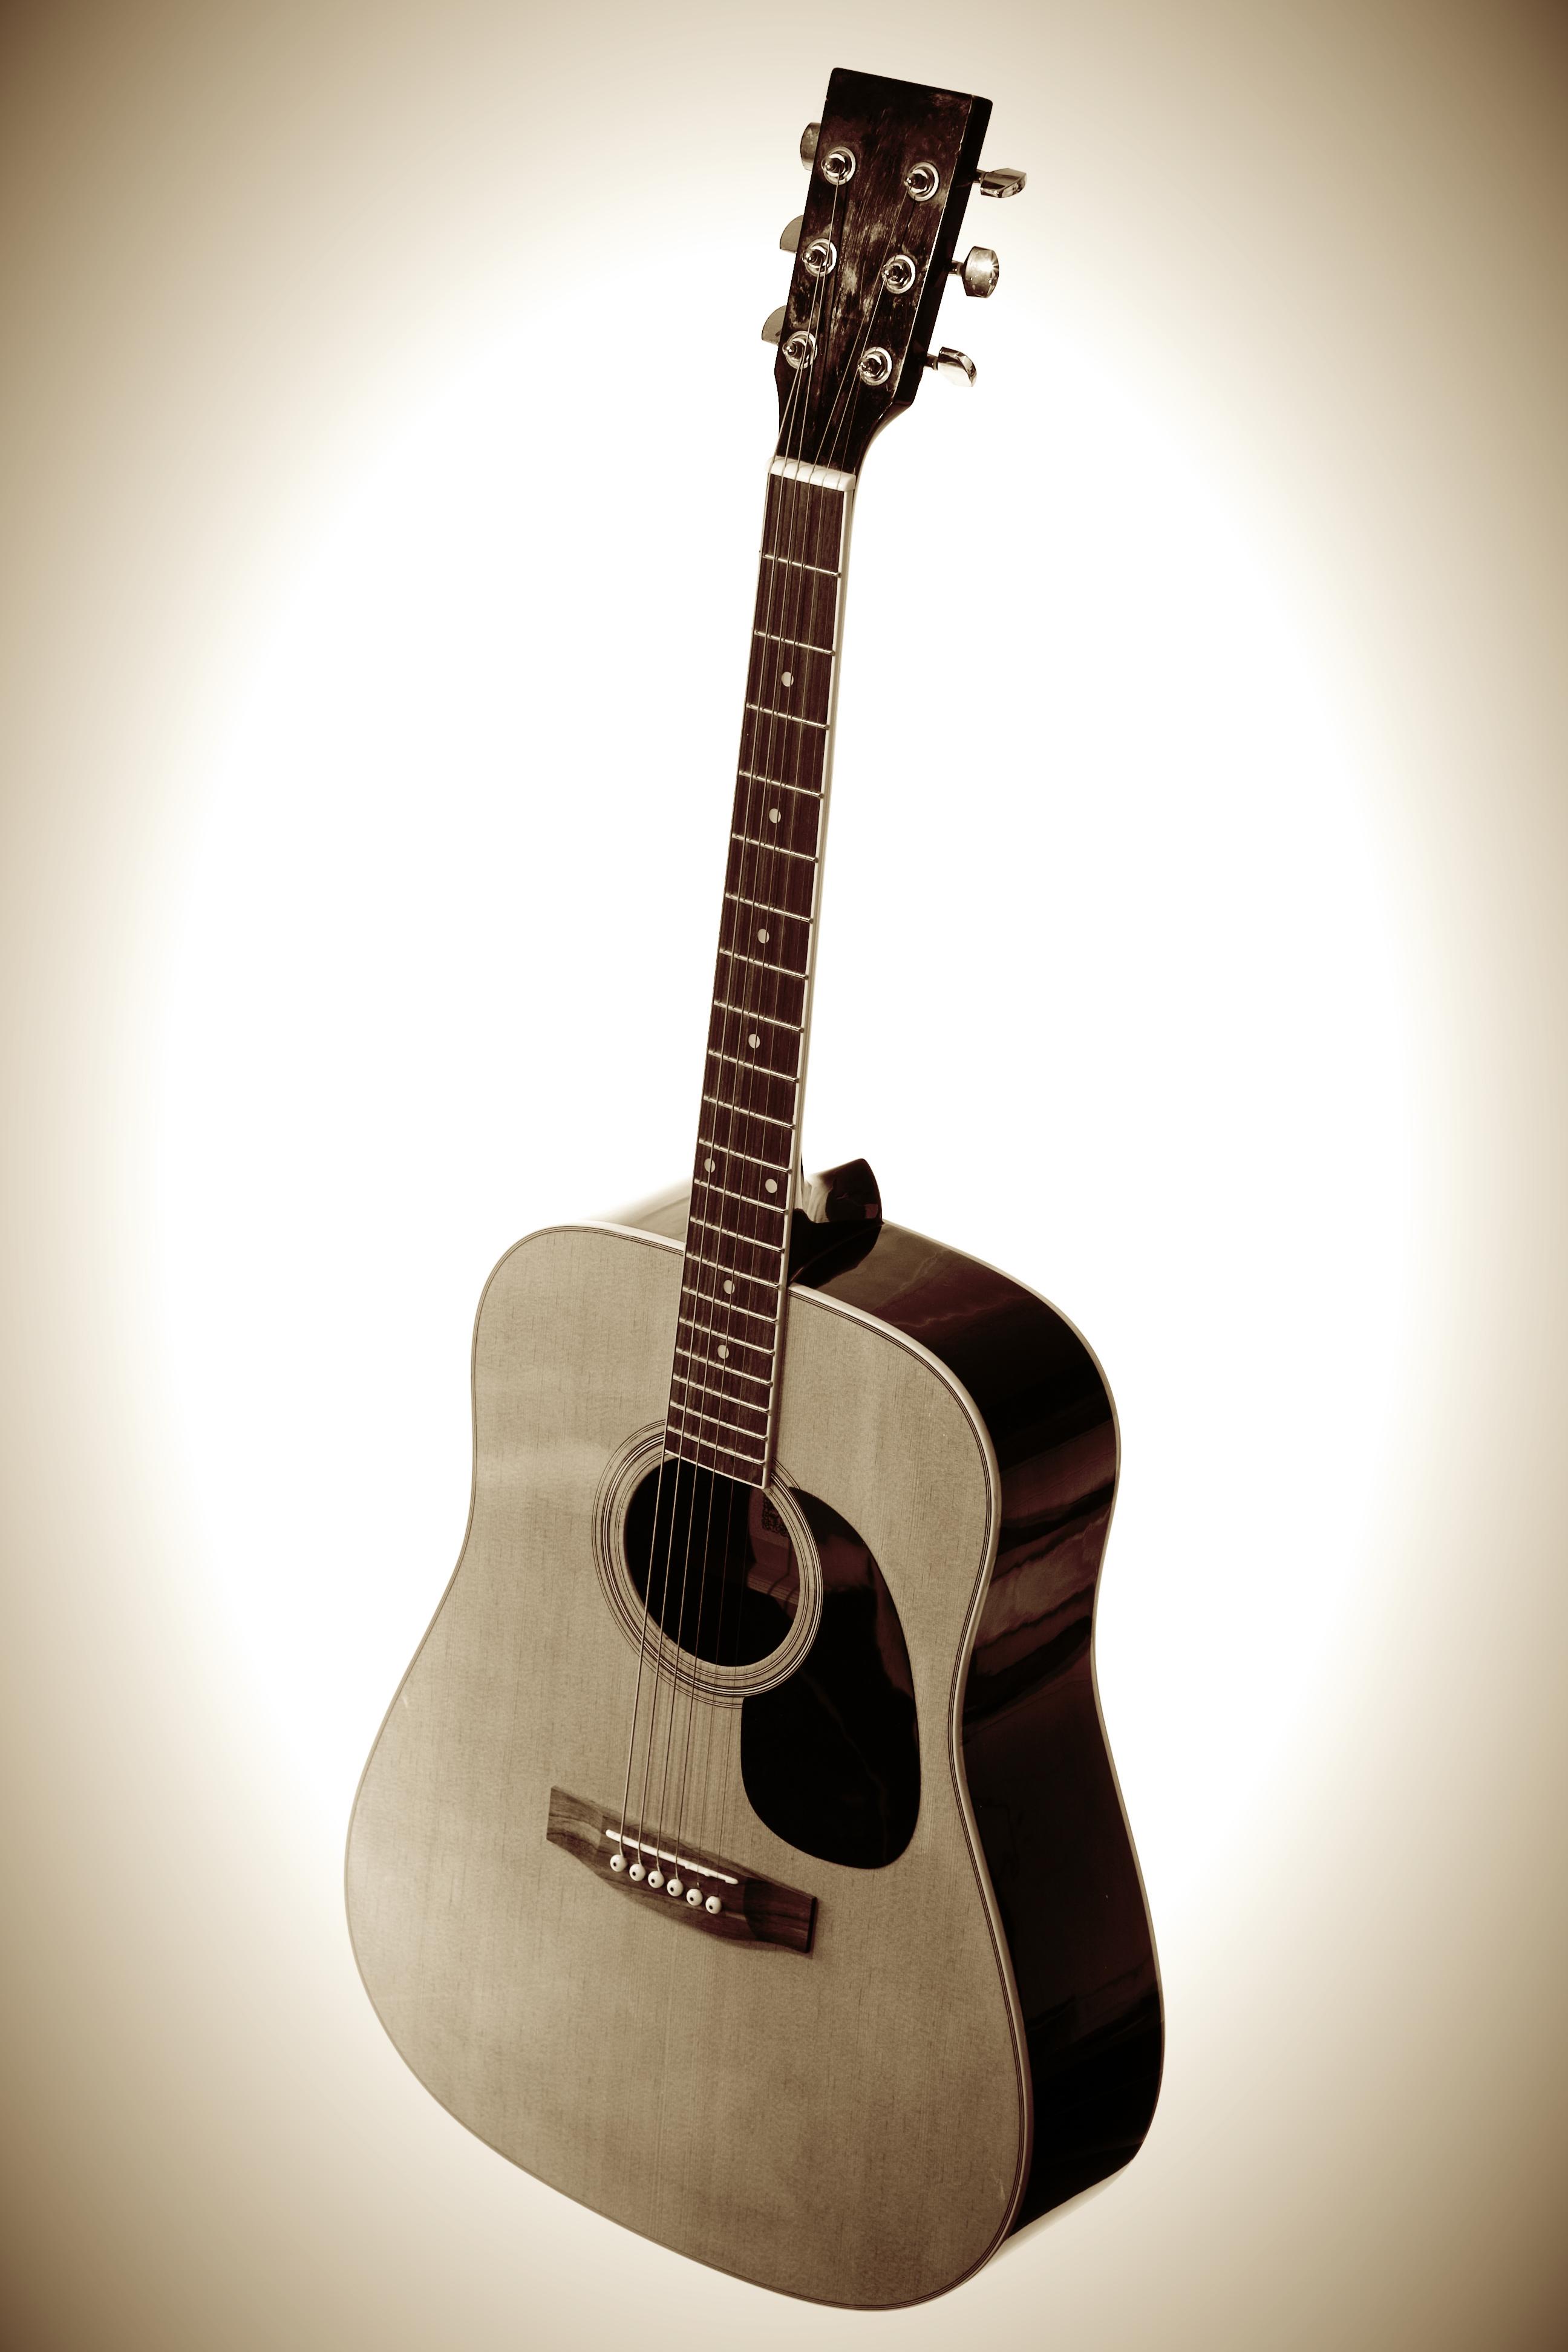 Guitar, Sepia, HQ Photo